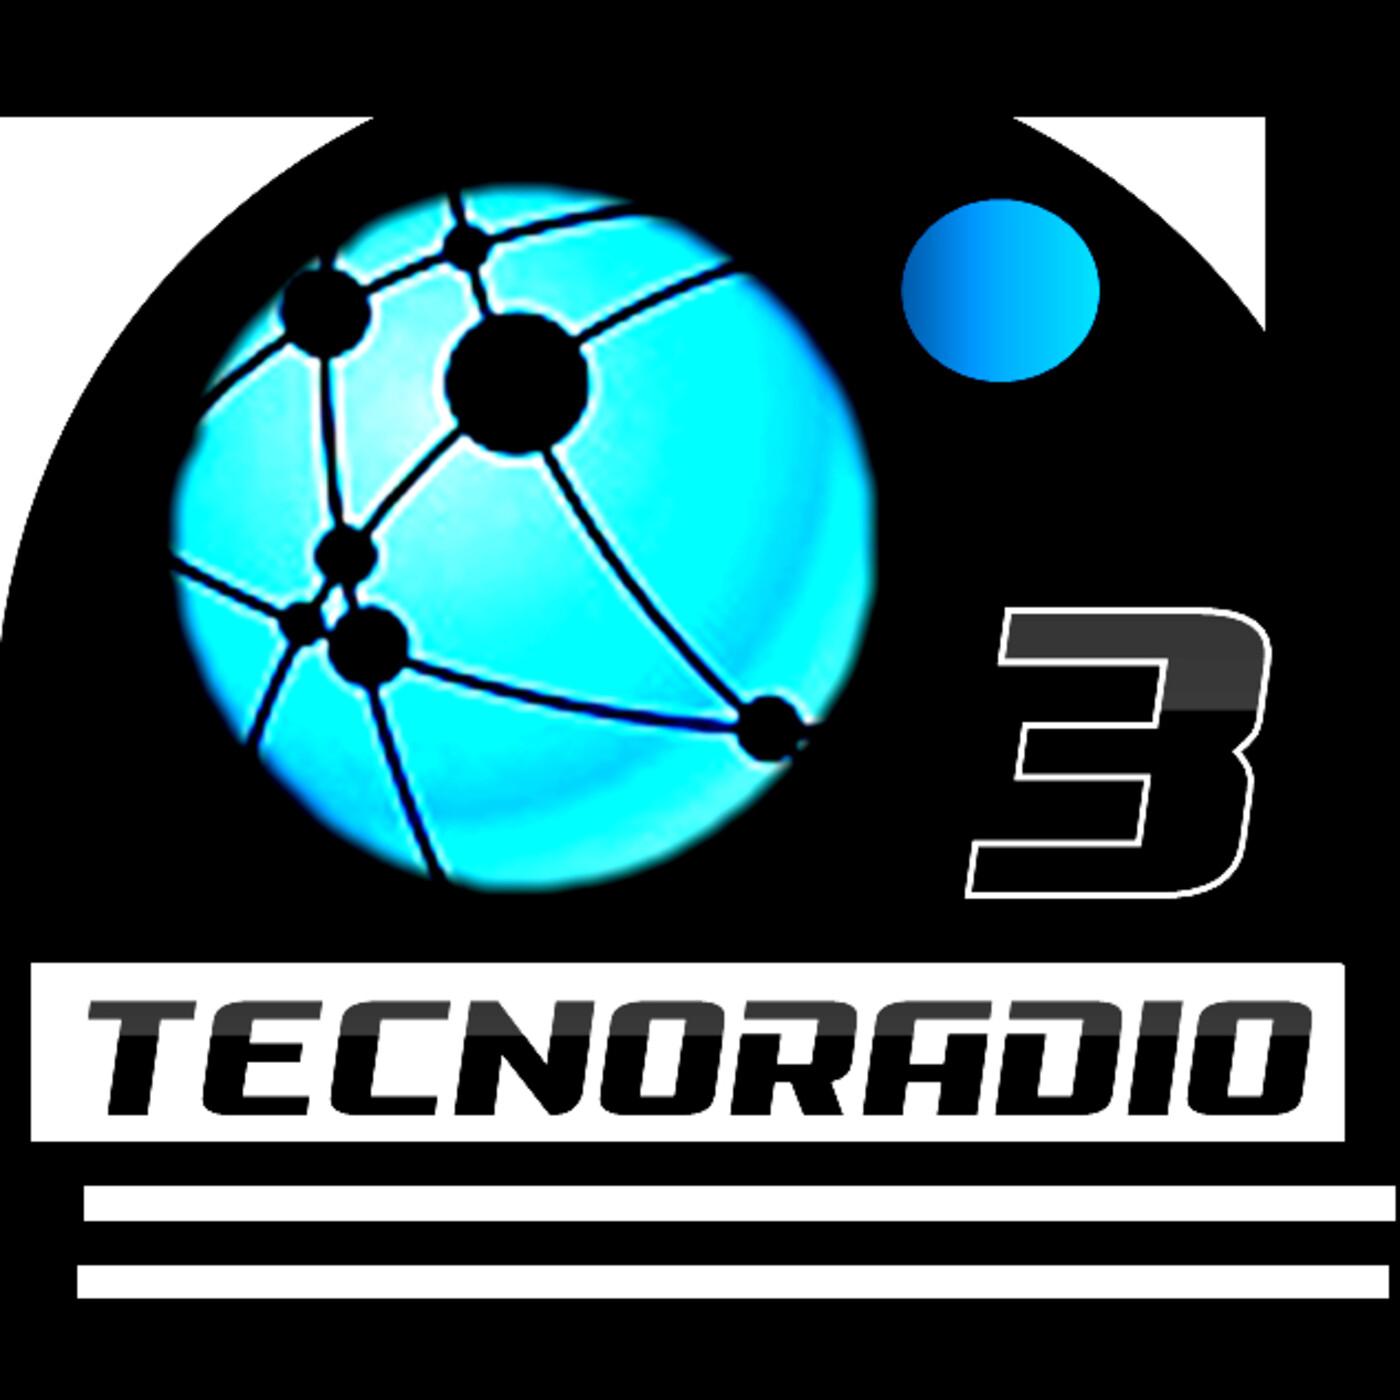 TECNOradio 3 - Semana 7